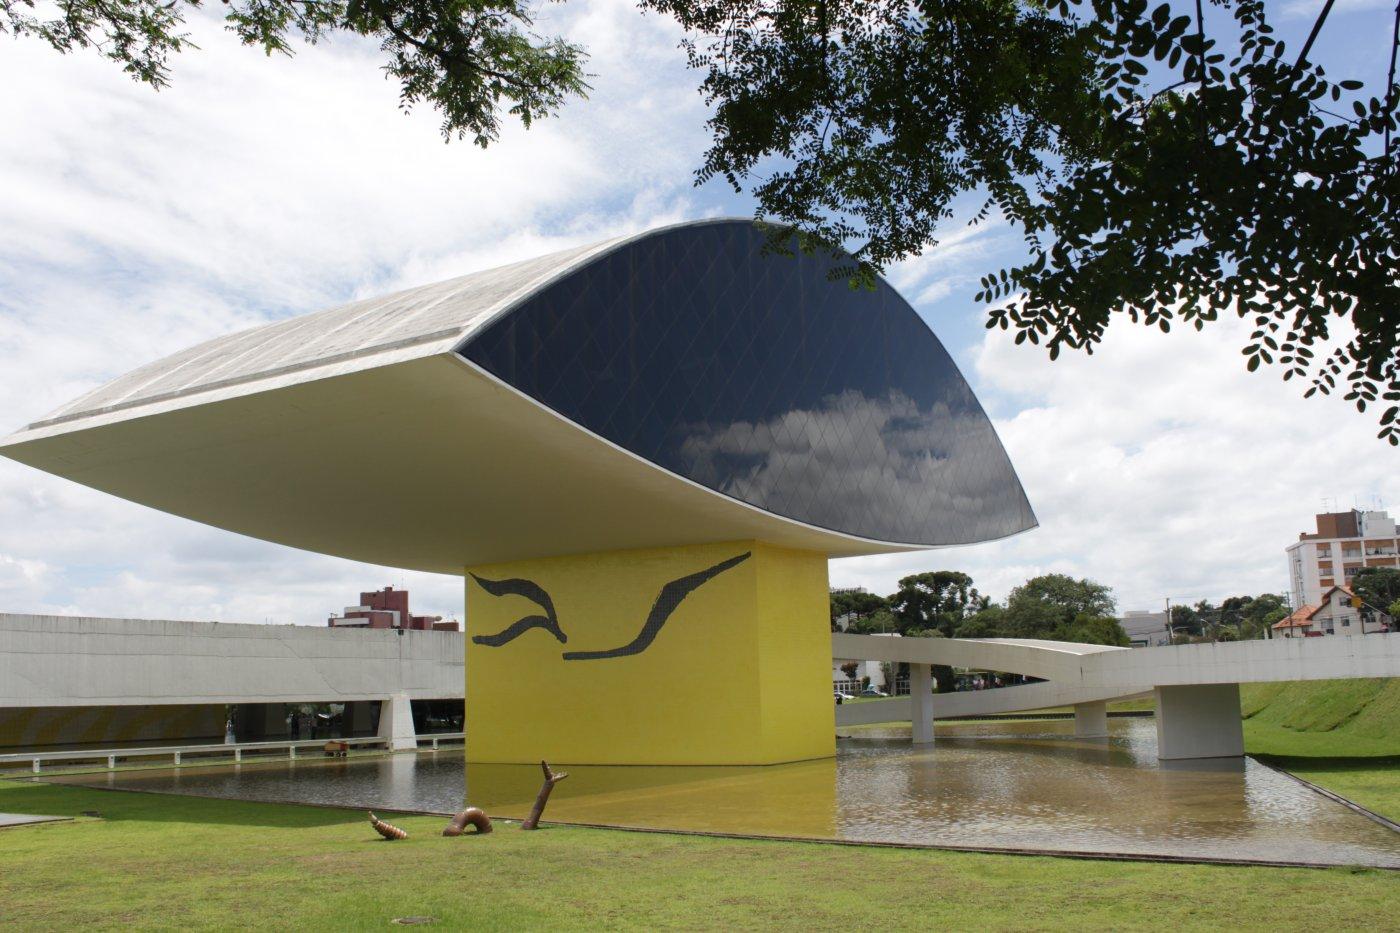 Фото Музей Оскара Нимейера. Бразилия, Parana, Curitiba, Rua Marechal Hermes, 999